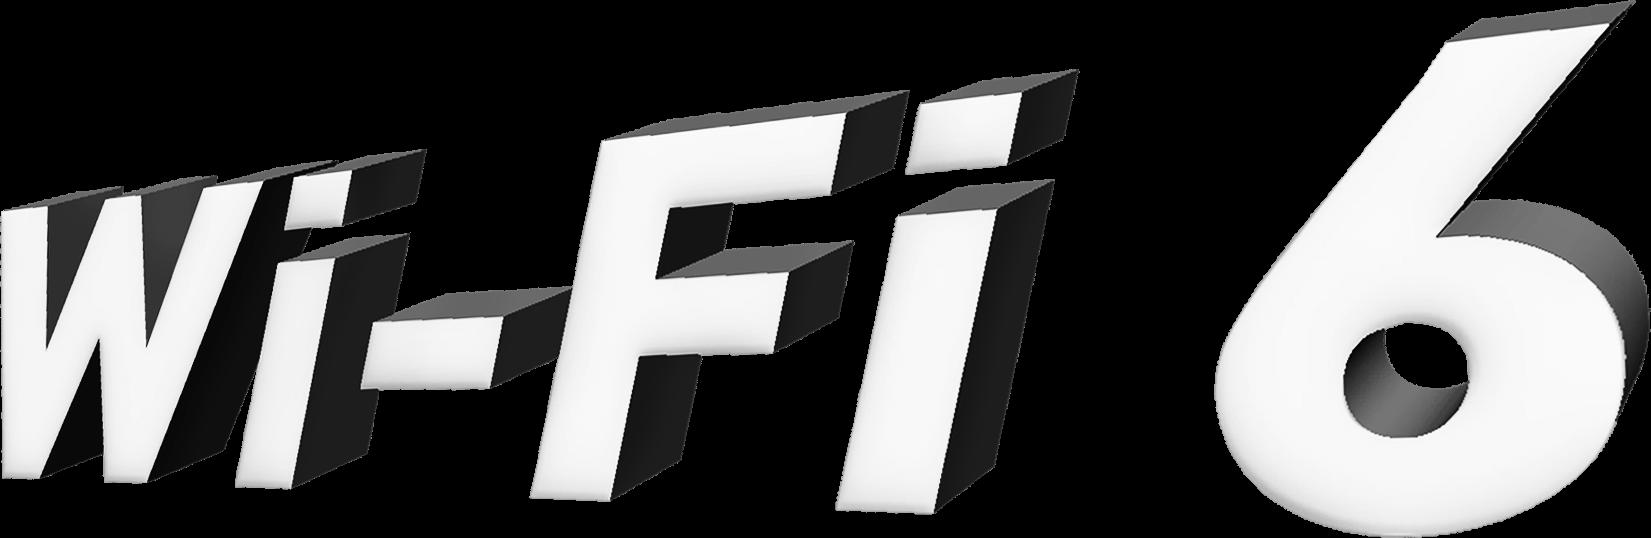 wifi6 txt